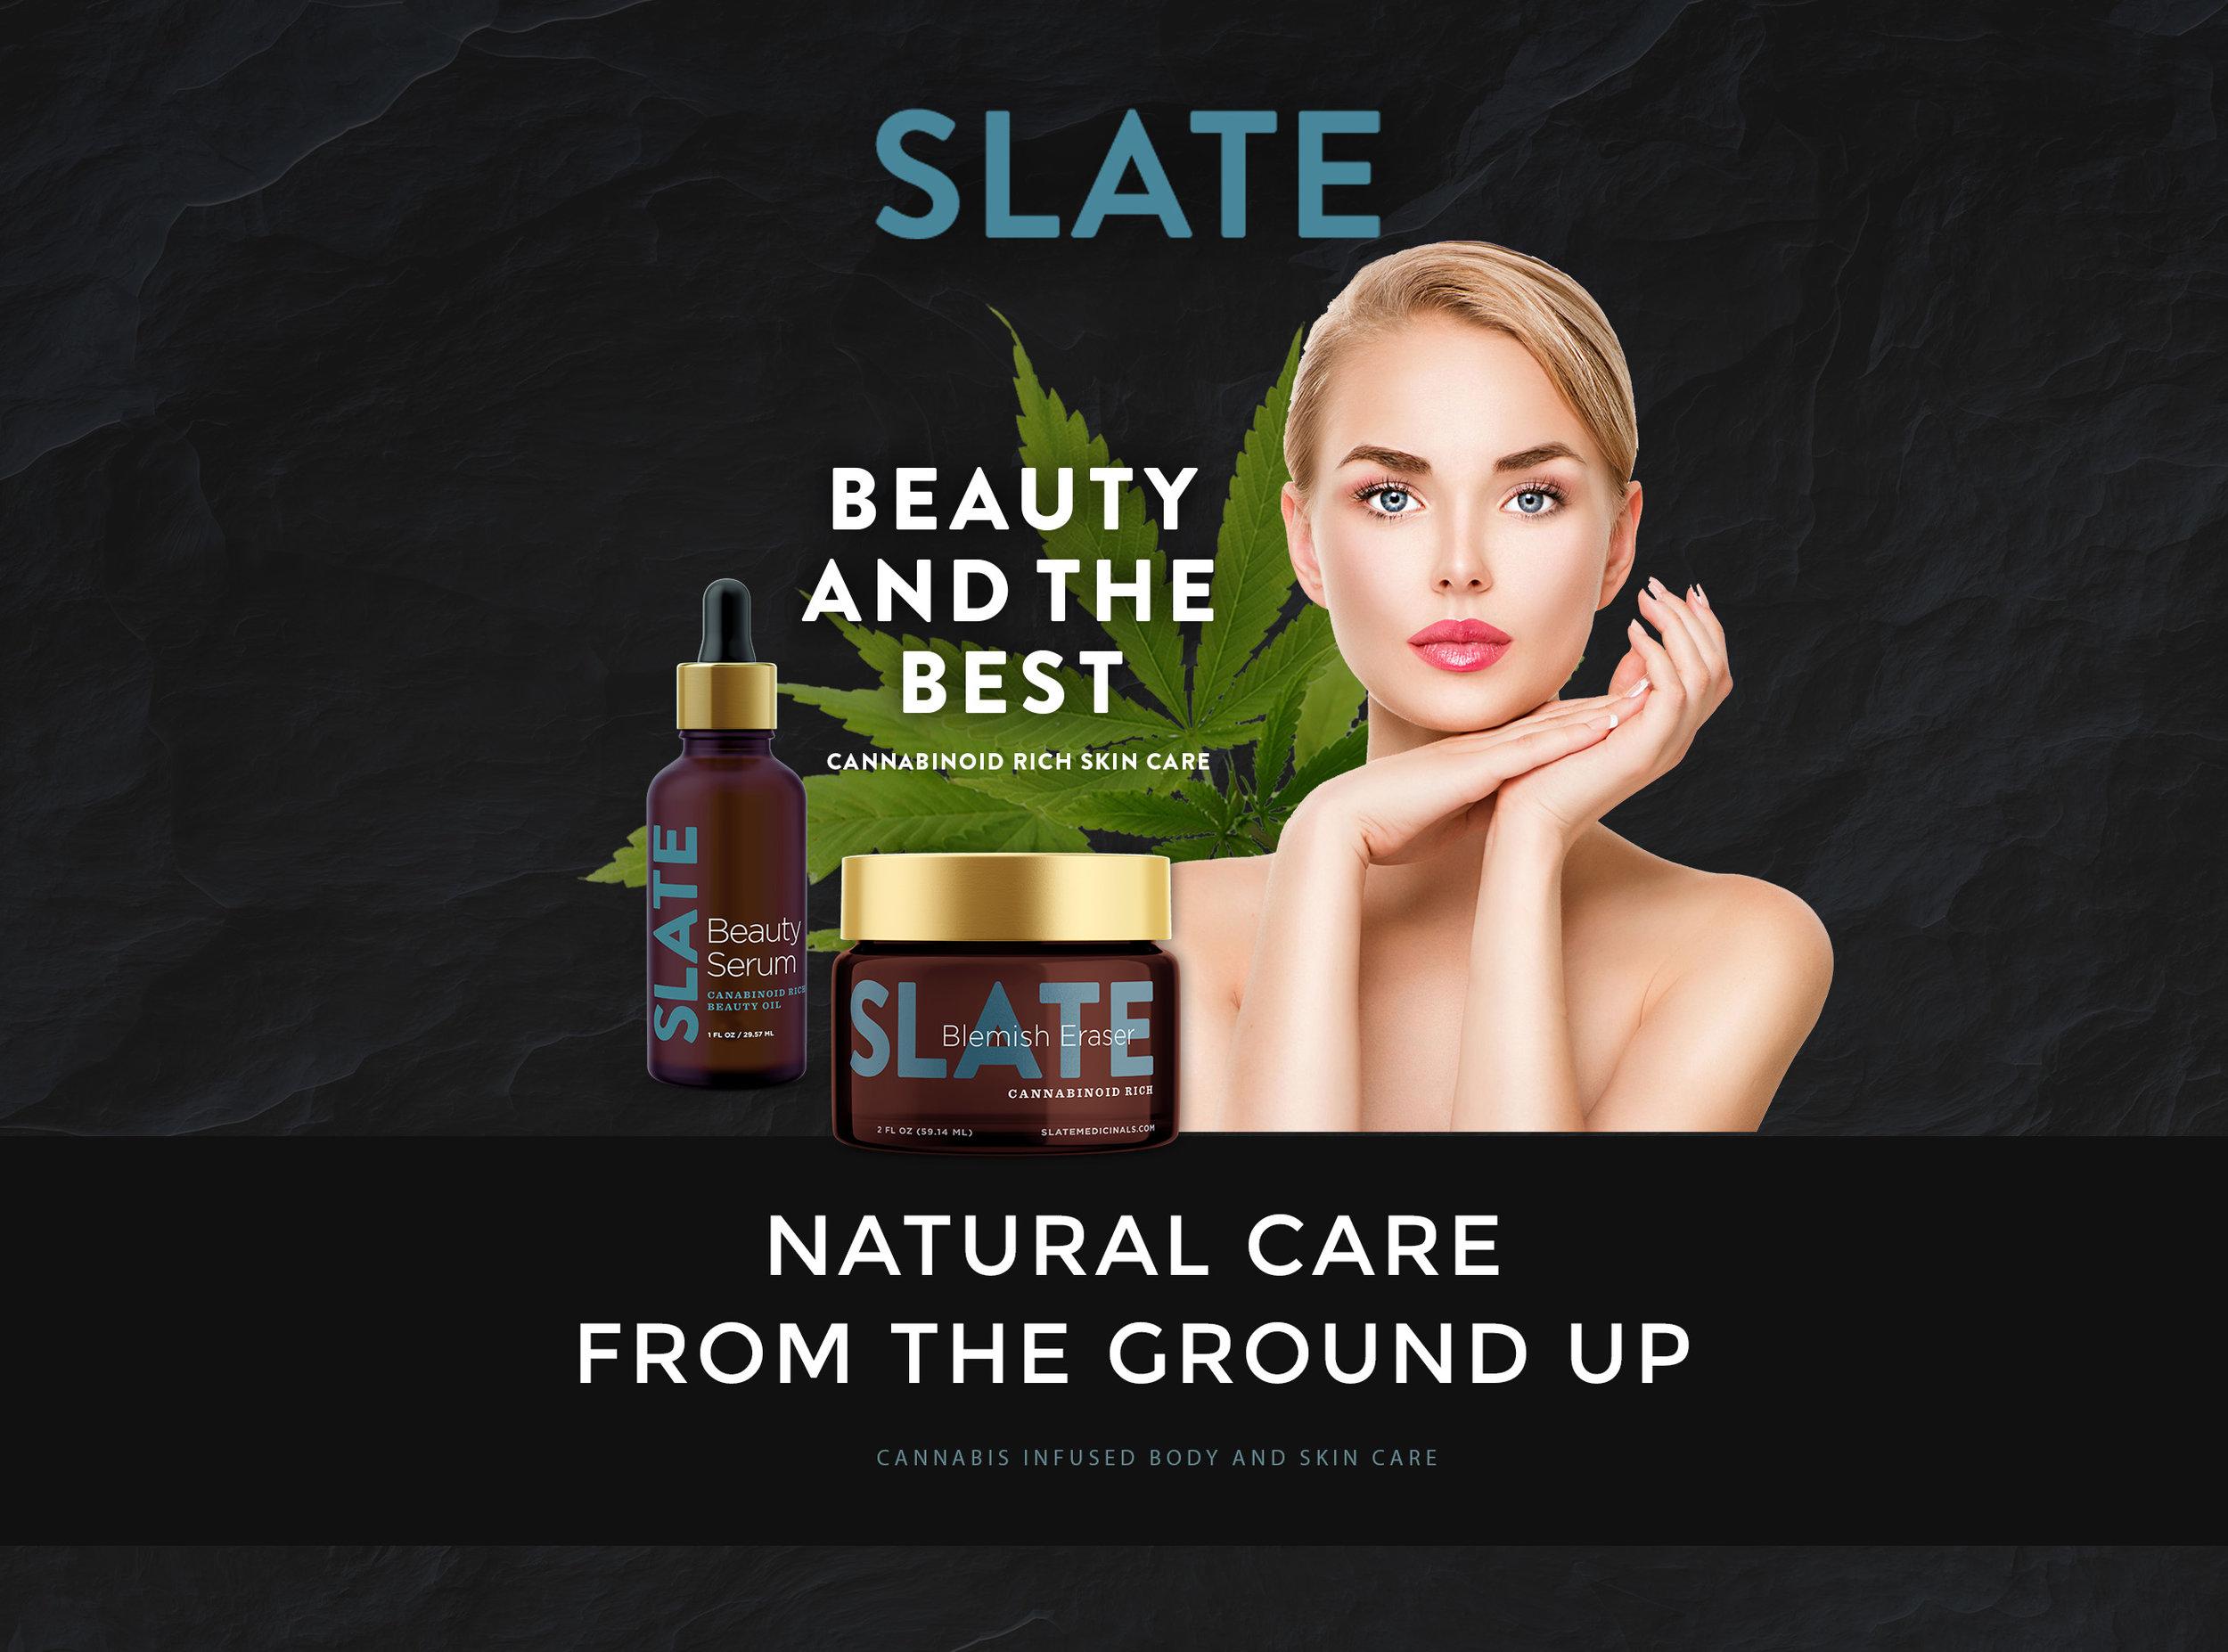 SLATE Campaign Blemish Eraser.jpg